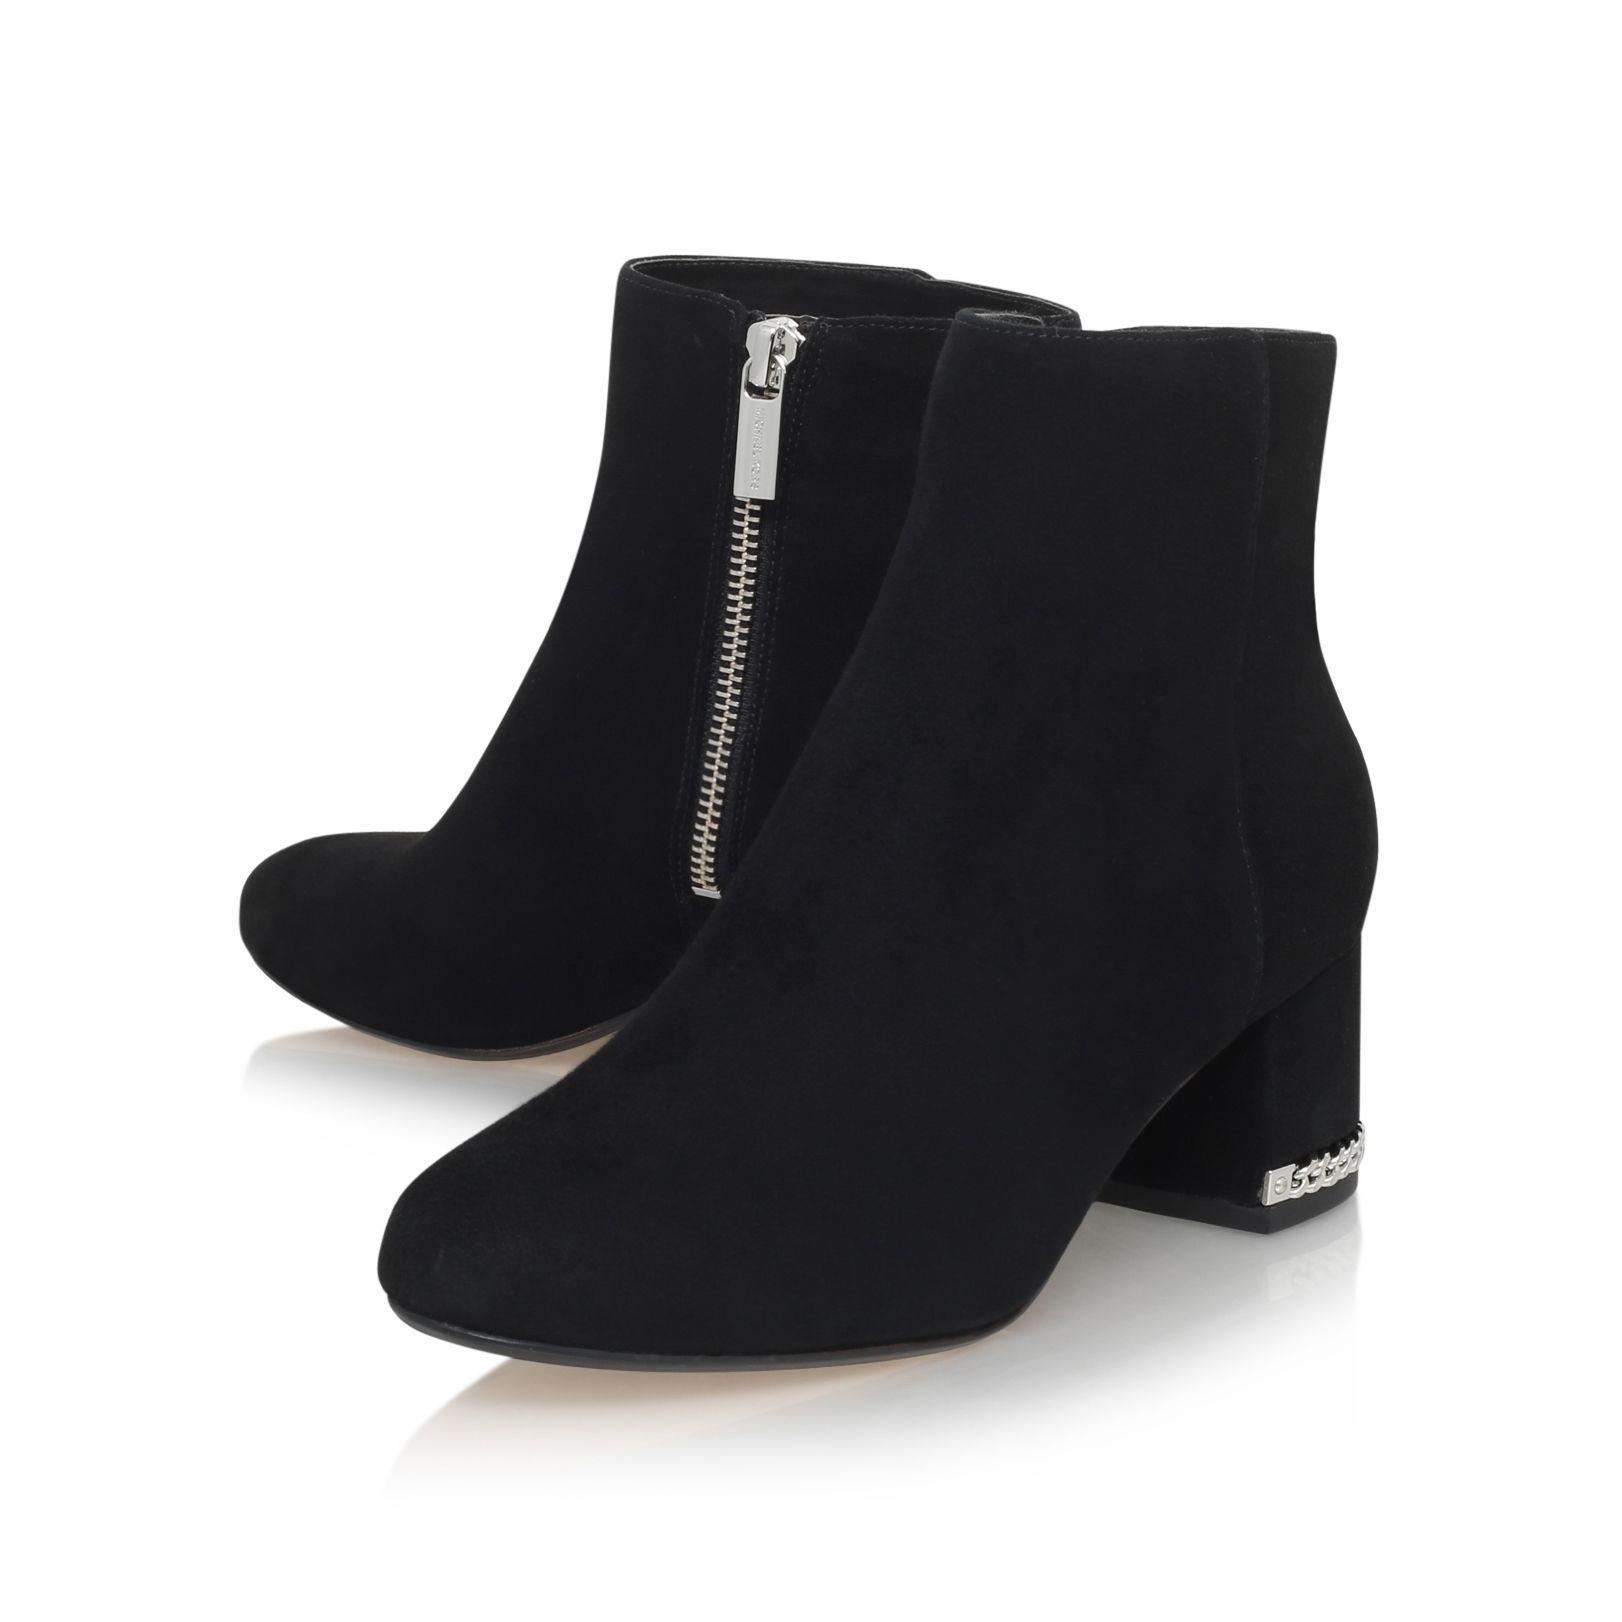 michael kors sabrina suede ankle boots in black lyst. Black Bedroom Furniture Sets. Home Design Ideas